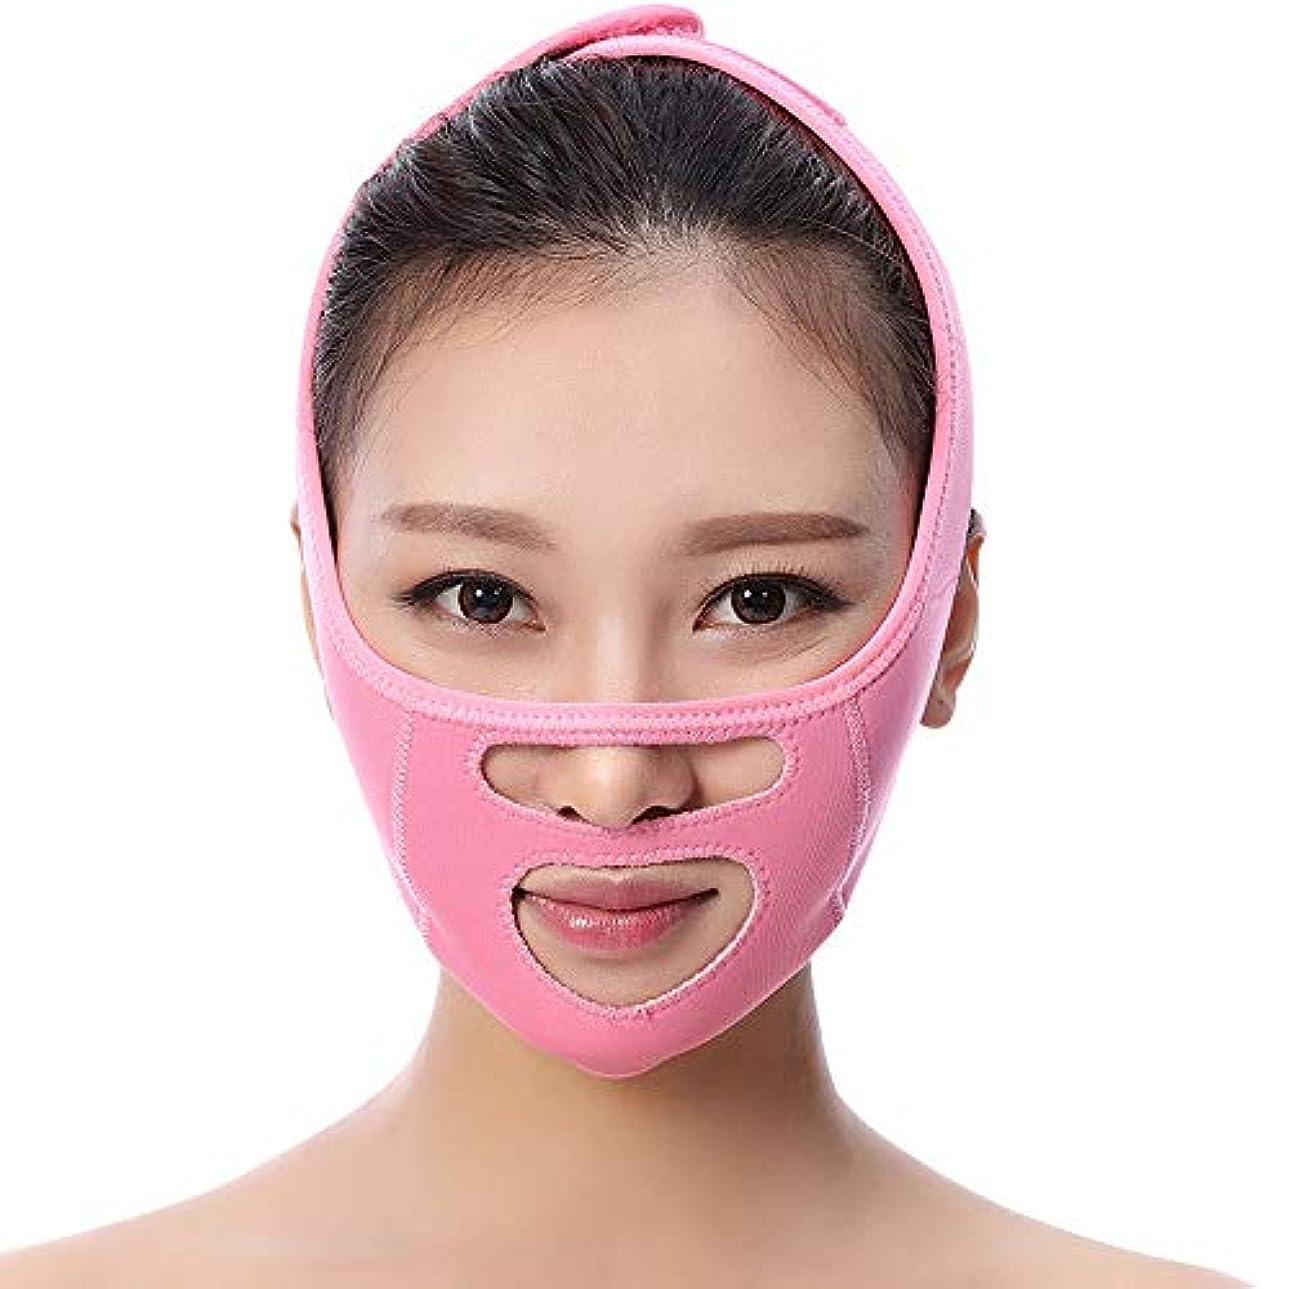 ダース日記繁雑フェイスリフトマスク、睡眠薄型フェイスベルトリフティングパーマネントビューティーvフェイスバンデージダブルチンアーチファクト,Pink